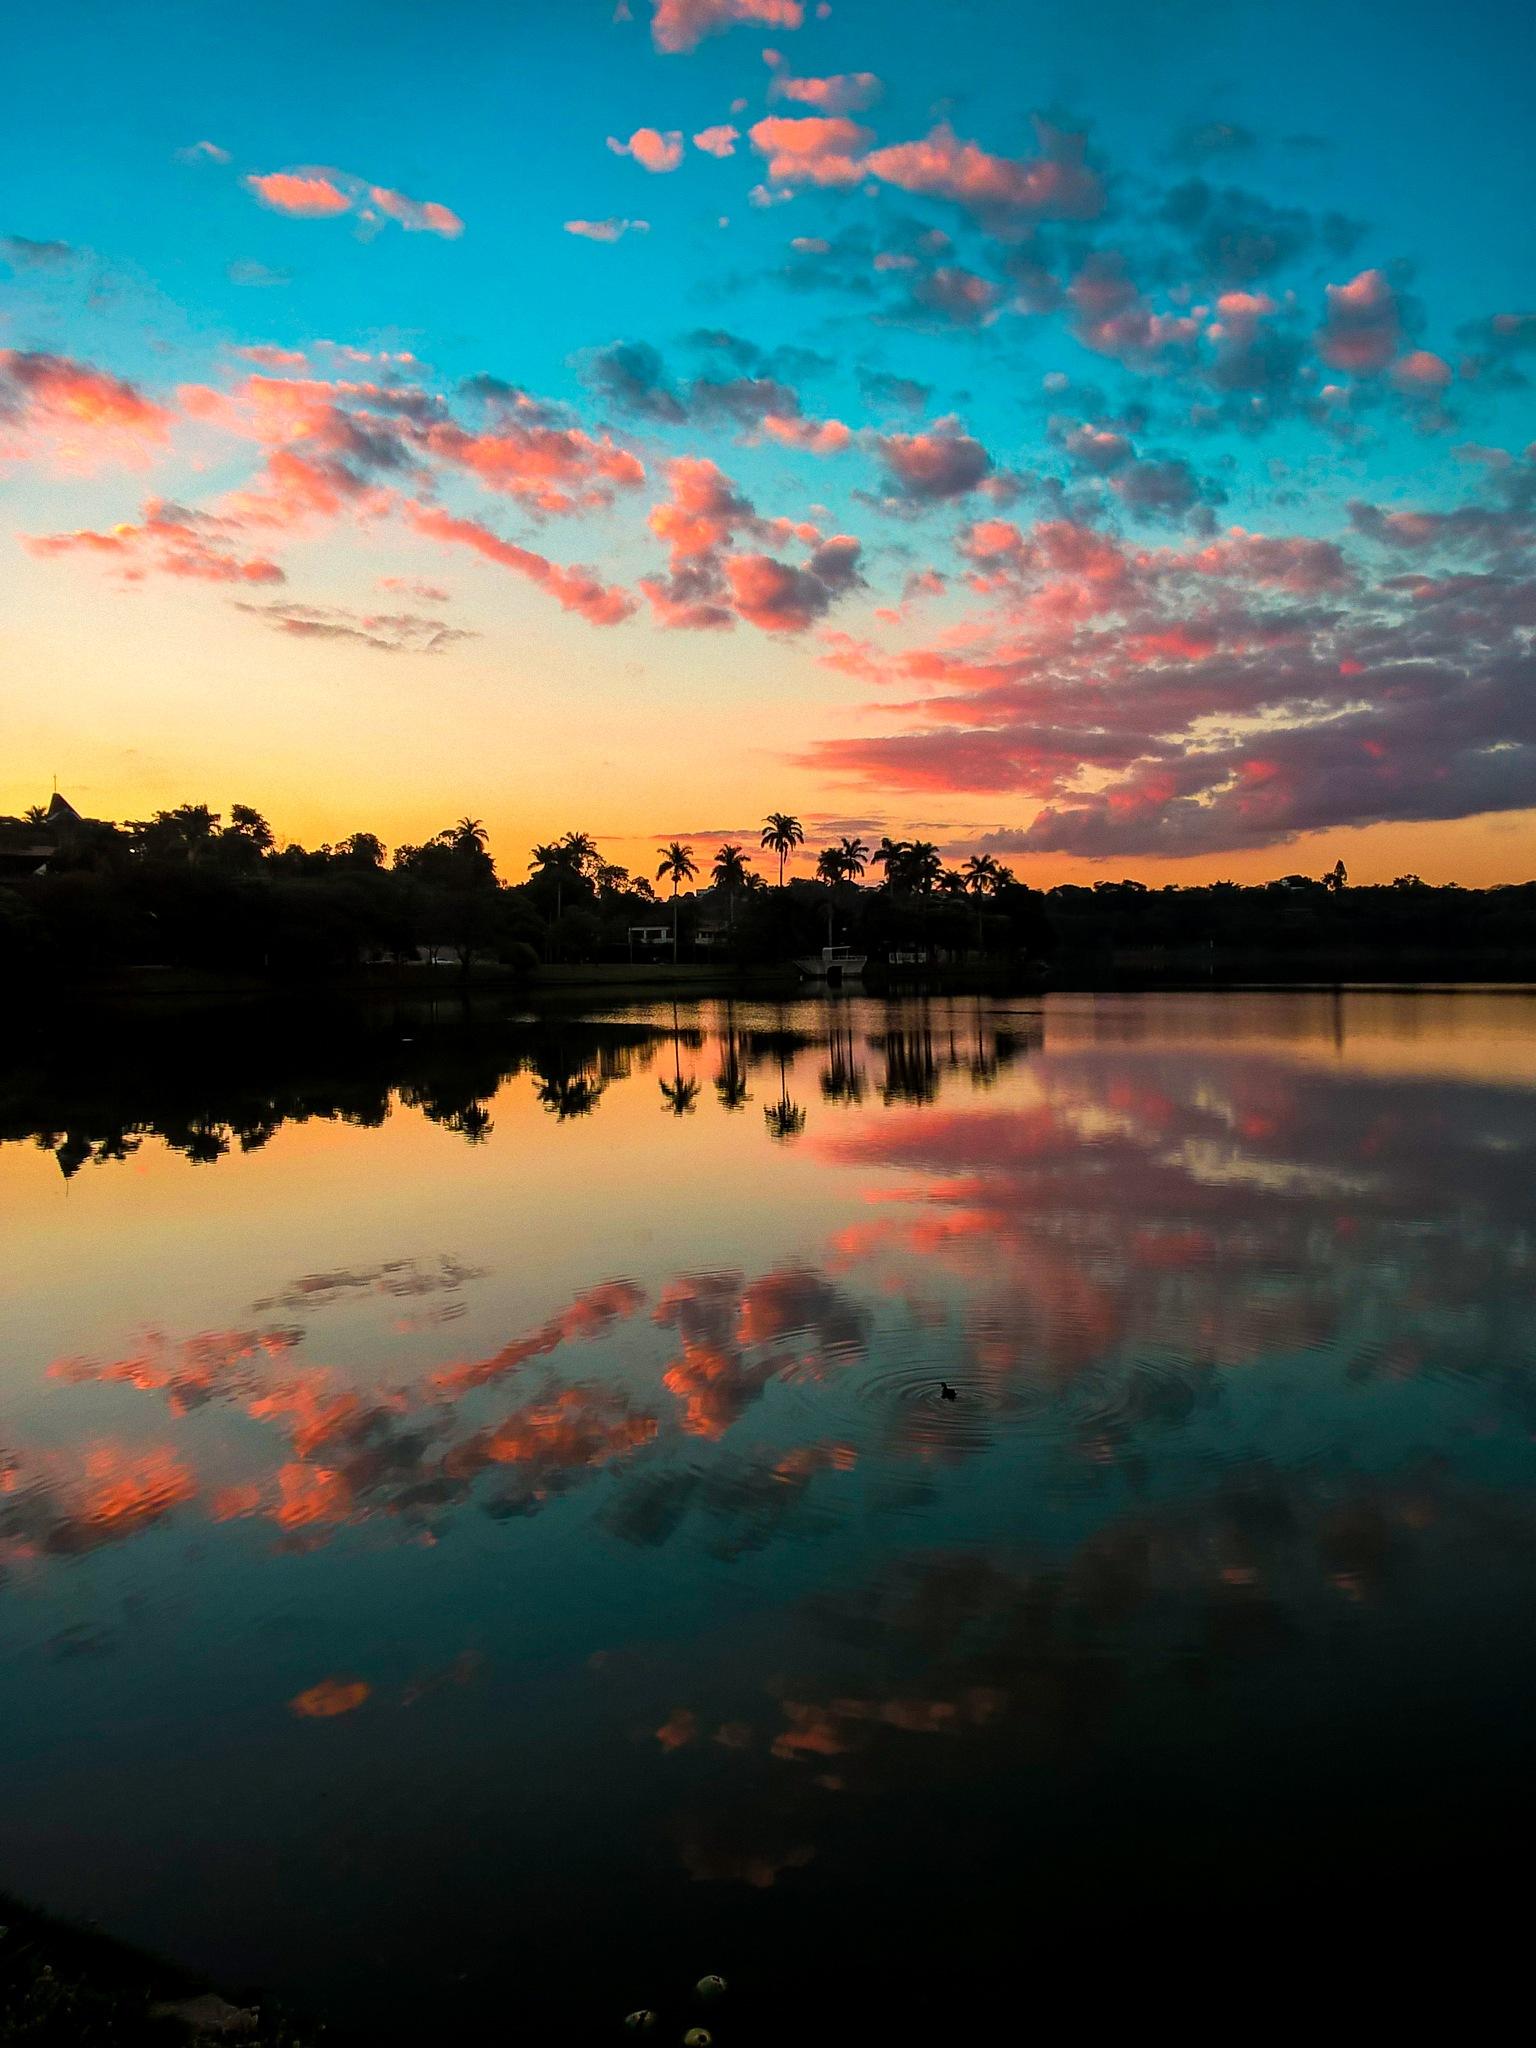 Pampulha Lagoon by Thiago Freitas